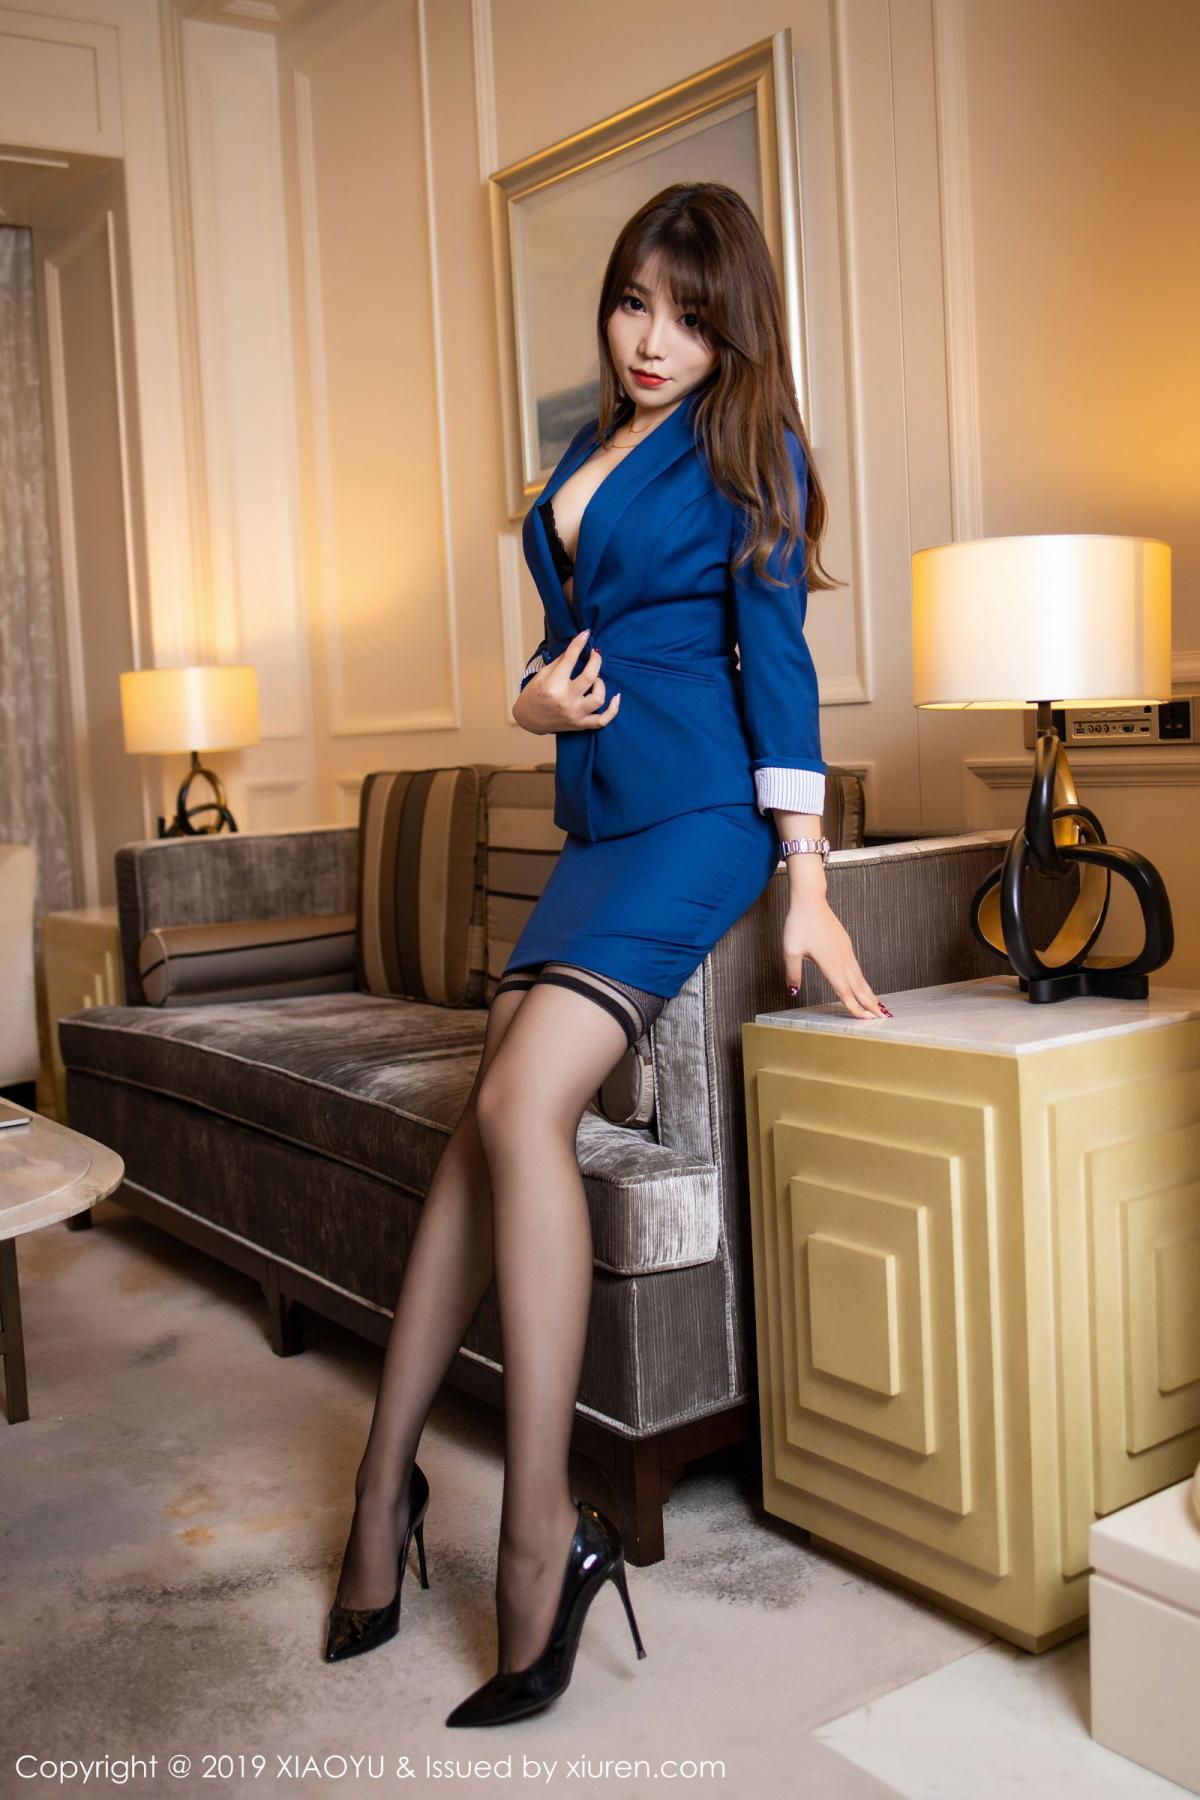 [XiaoYu] Vol.205 Chen Zhi 11P, Black Silk, Chen Zhi, Underwear, Uniform, XiaoYu